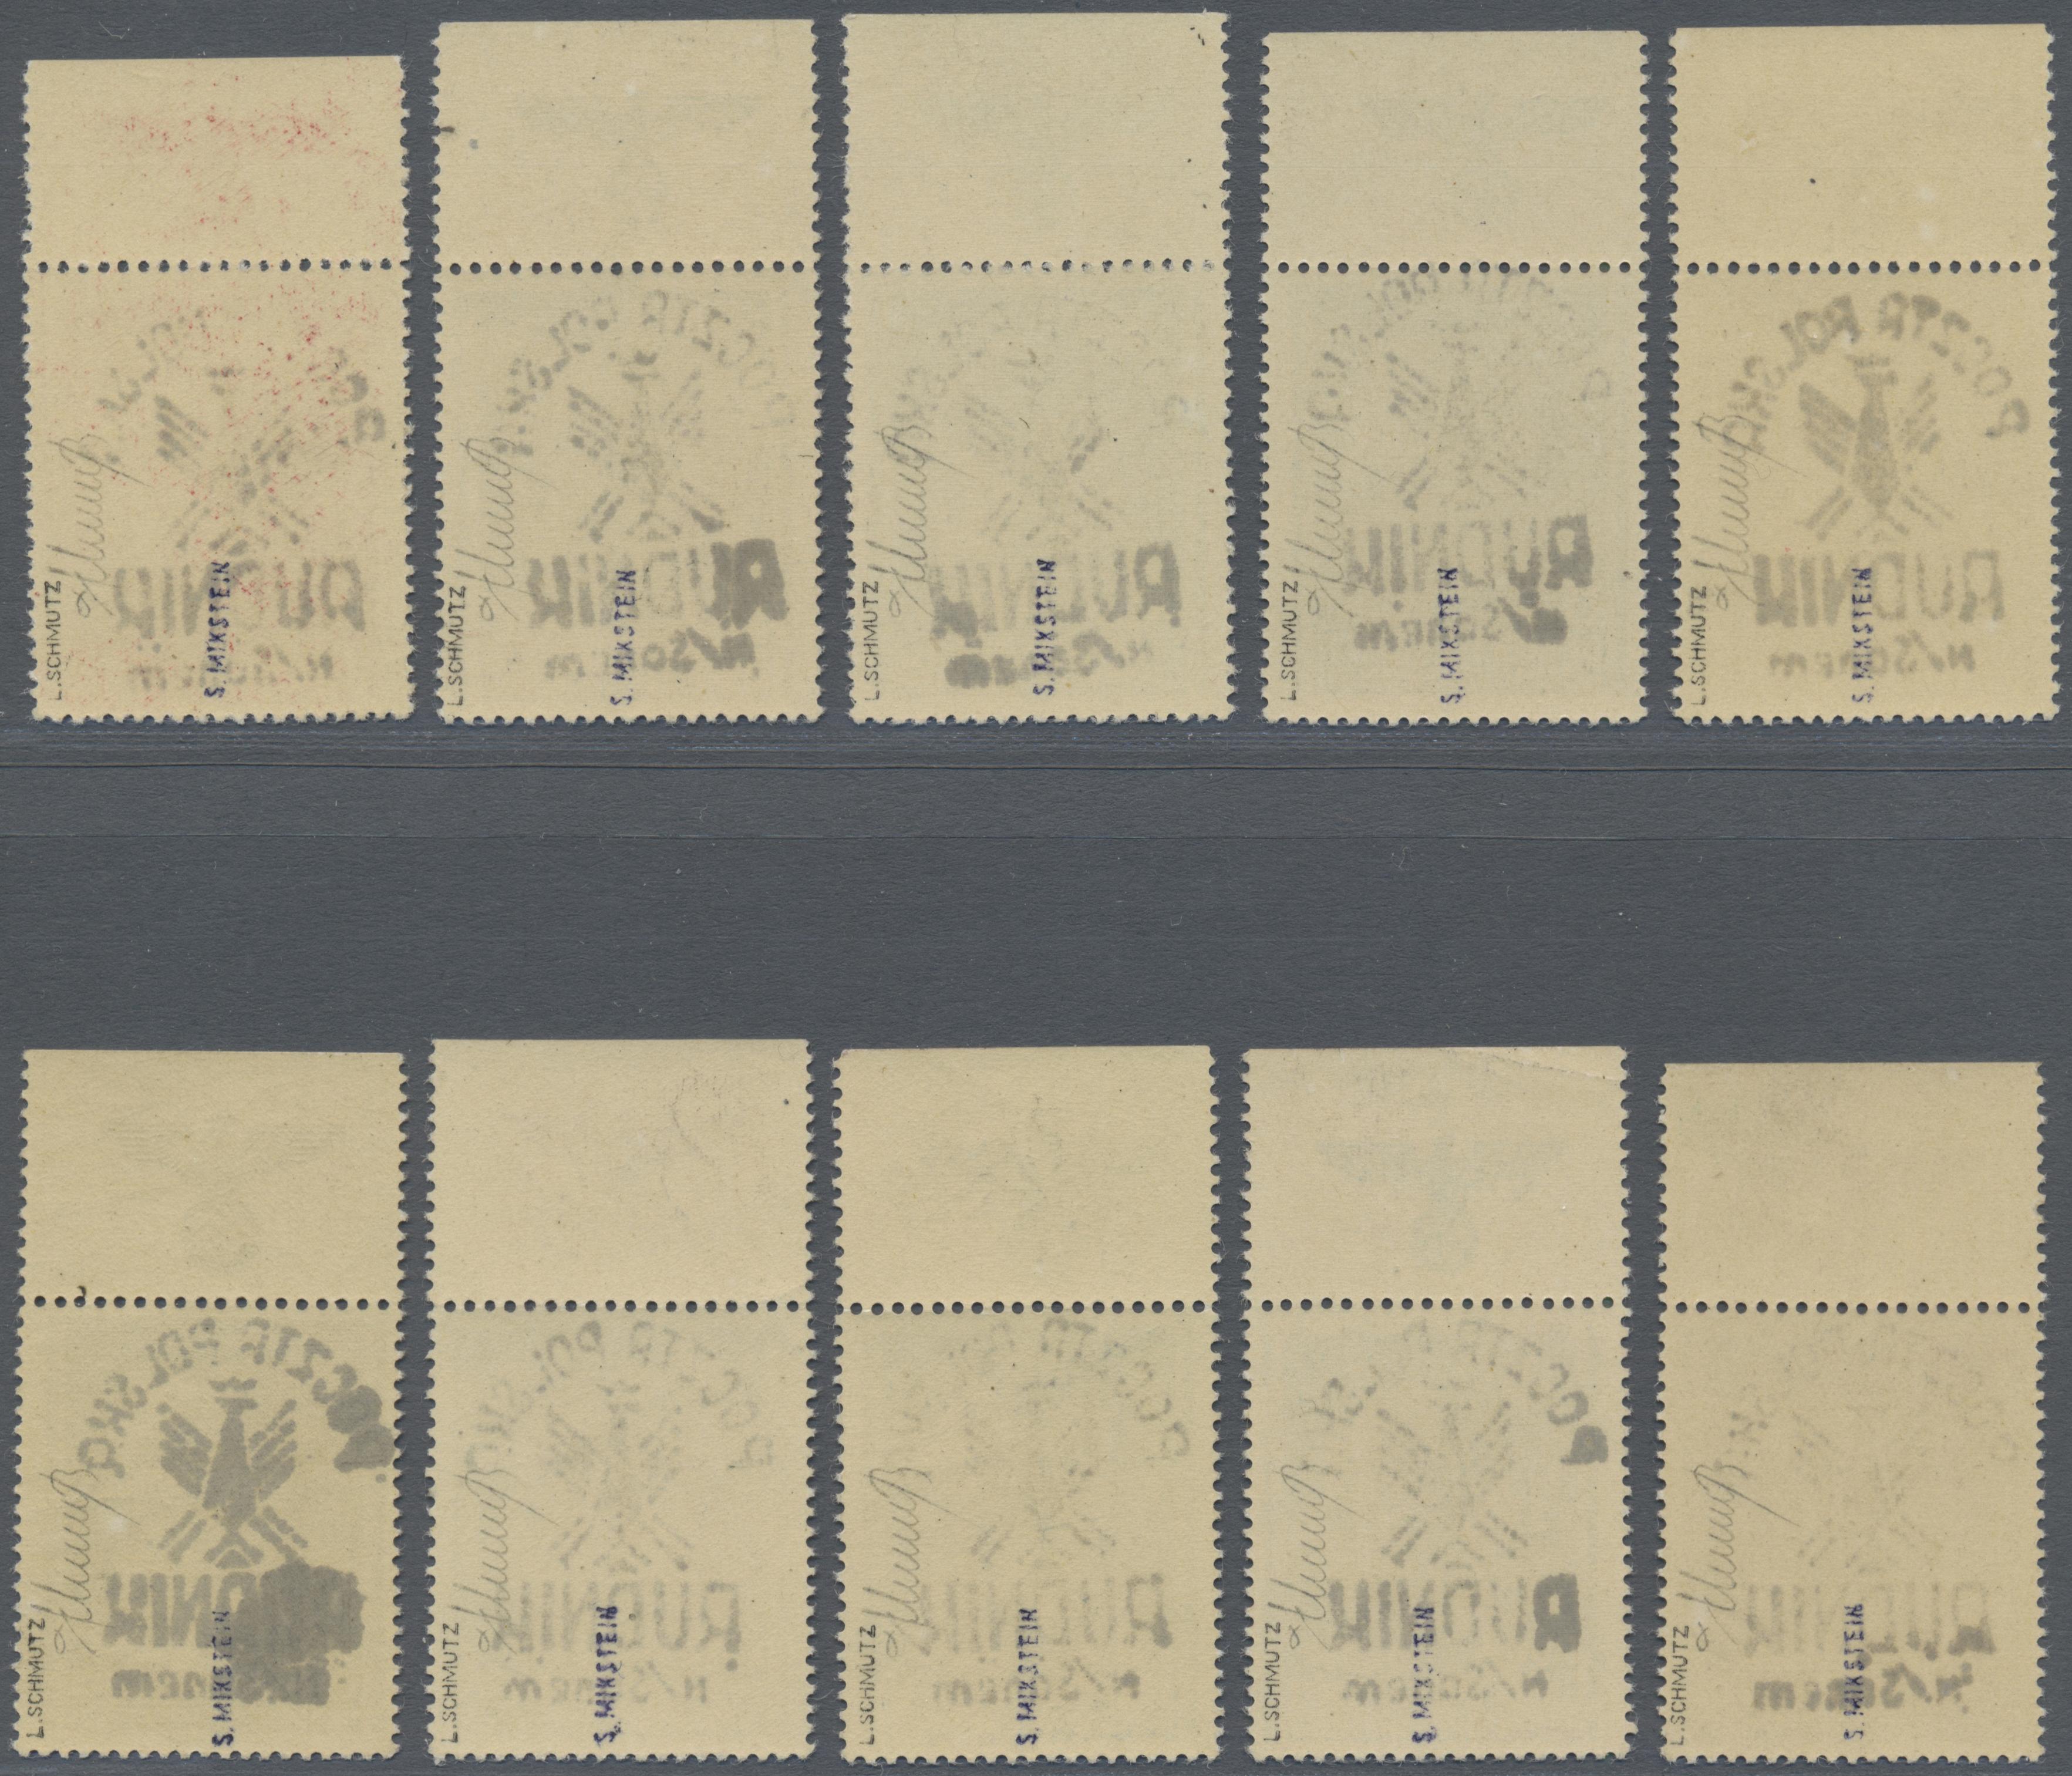 Lot 1575 - Polen - Lokalausgaben 1944/45  -  Auktionshaus Christoph Gärtner GmbH & Co. KG Auction #41 Special auction part two